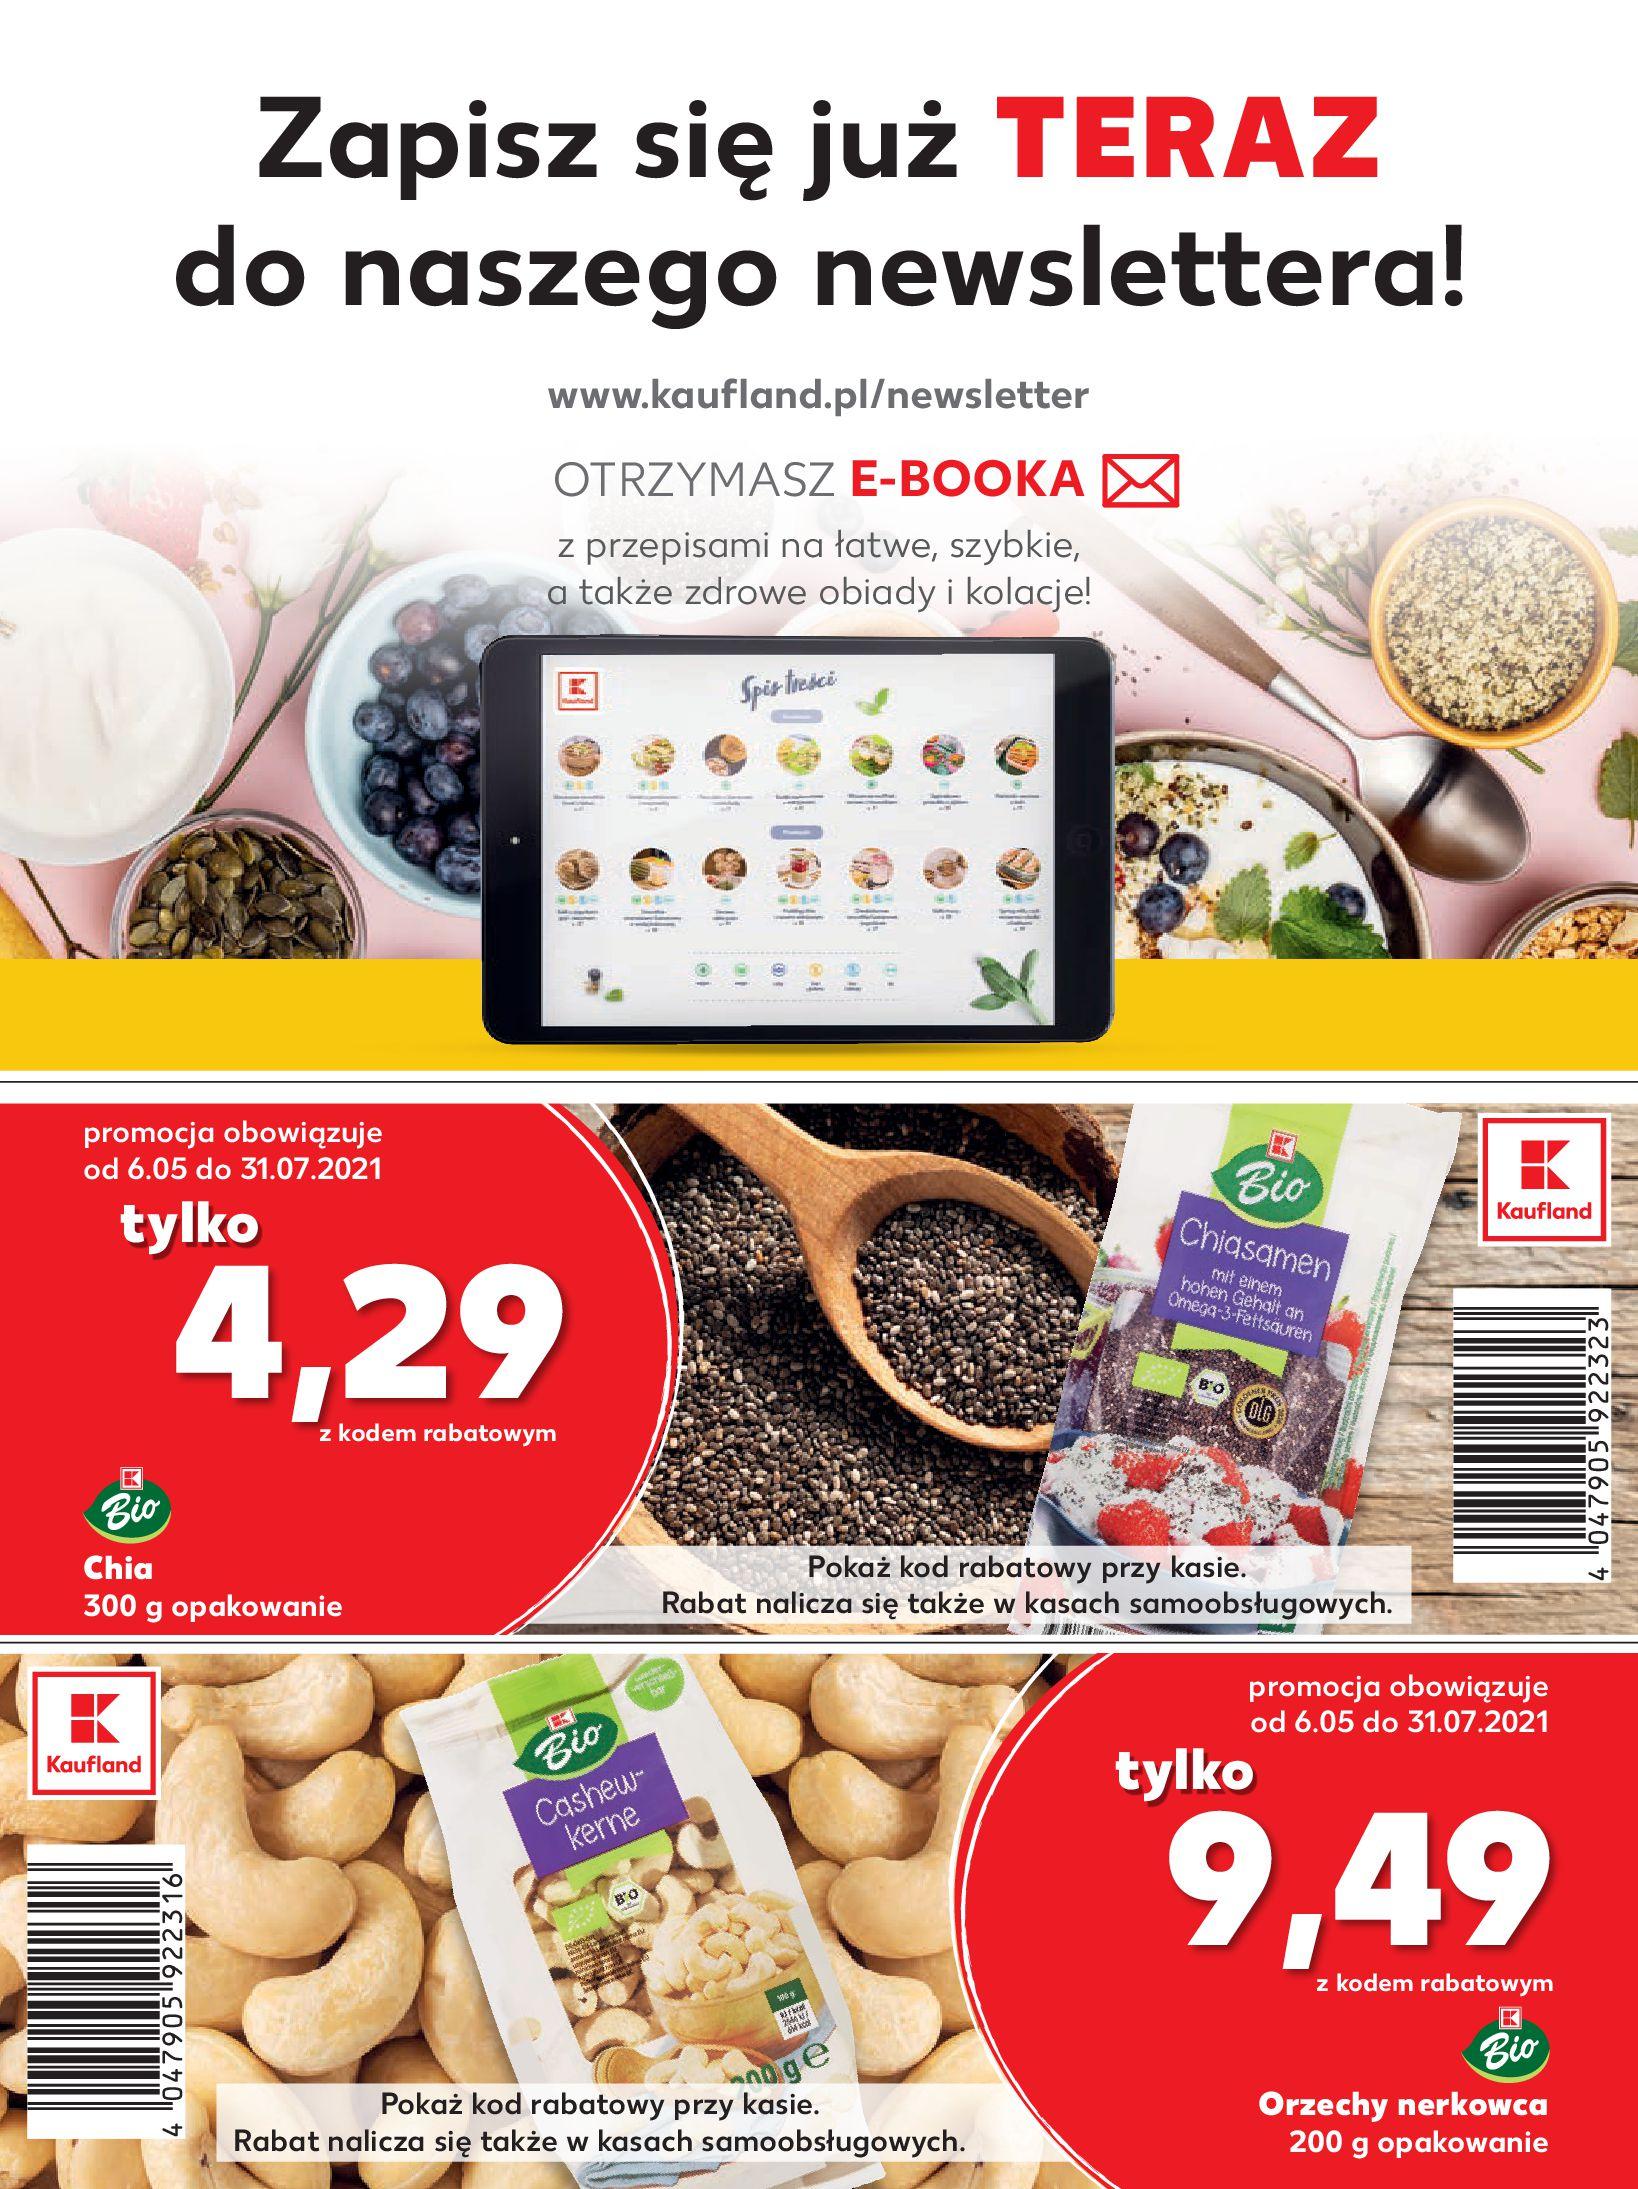 Gazetka Kaufland: Gazetka Kaufland - katalog 2021-05-11 page-35